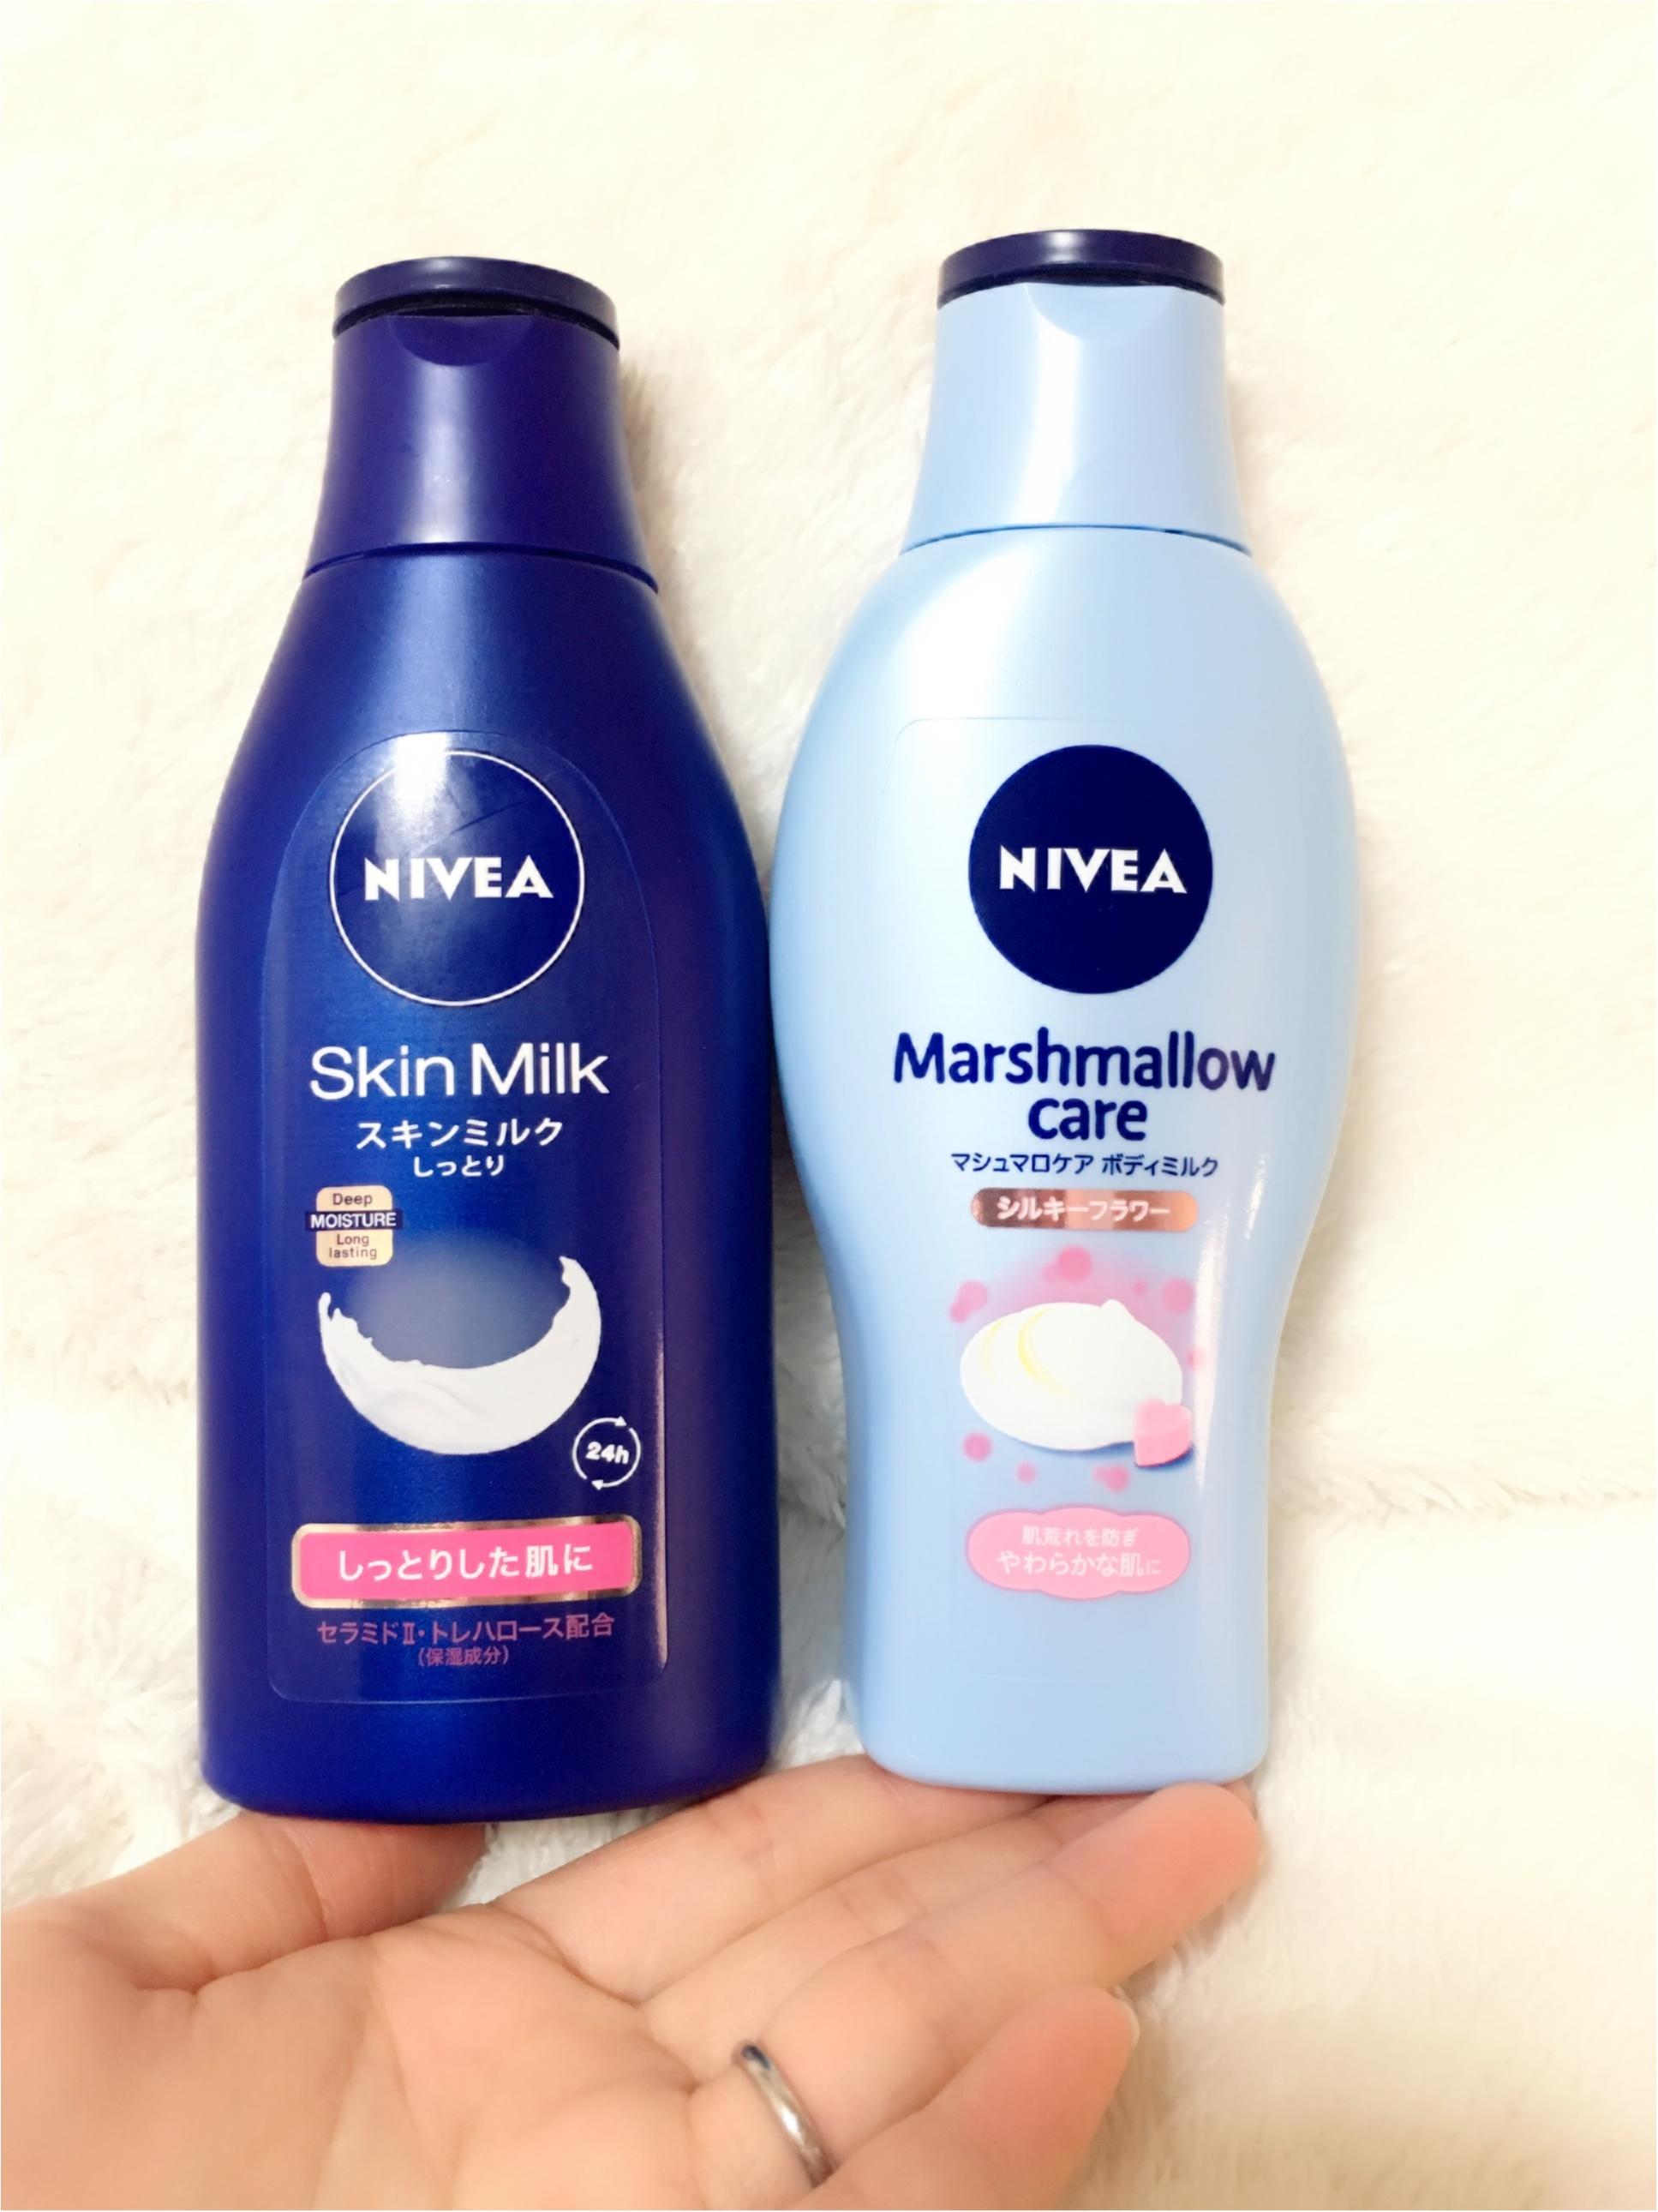 【NIVEA】超乾燥肌から普通肌まで使い分け!私が使用している2つはこれ♡_4